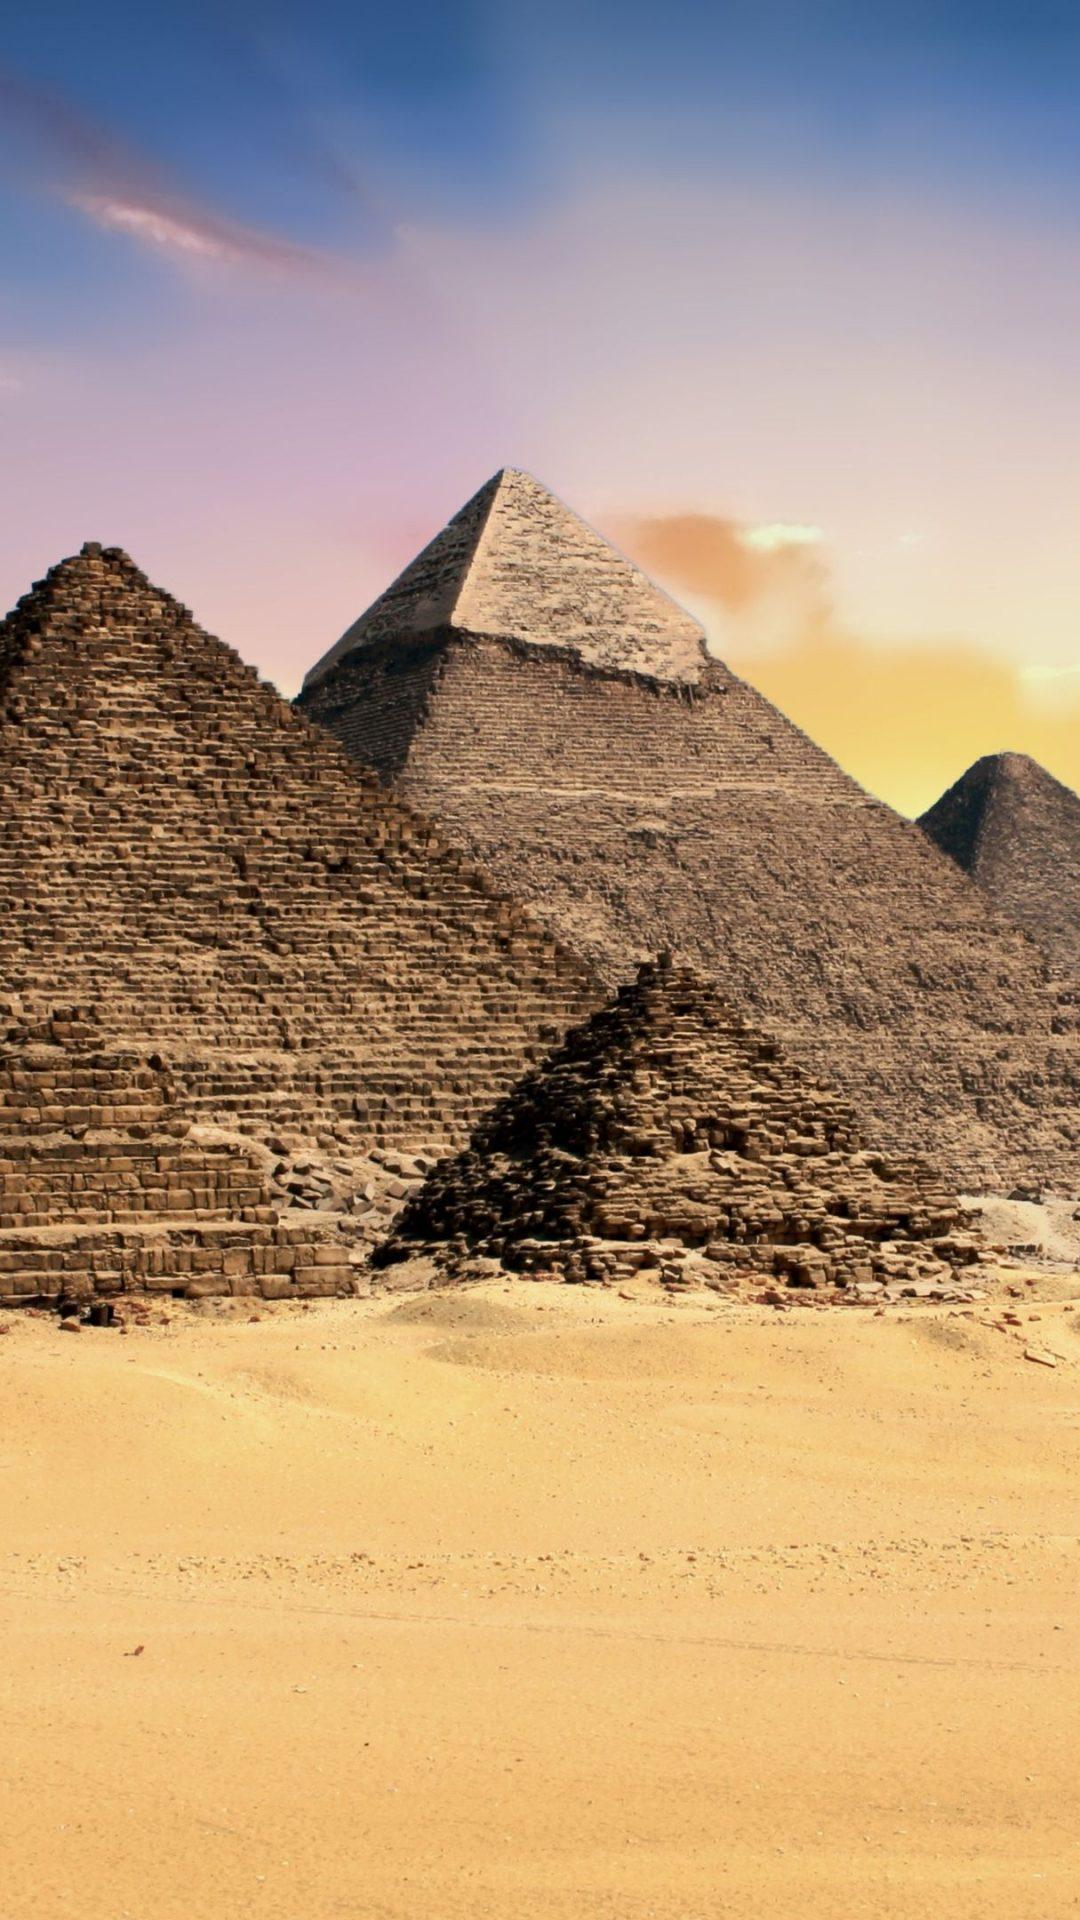 The Giza pyramid complex 4K UHD Wallpaper